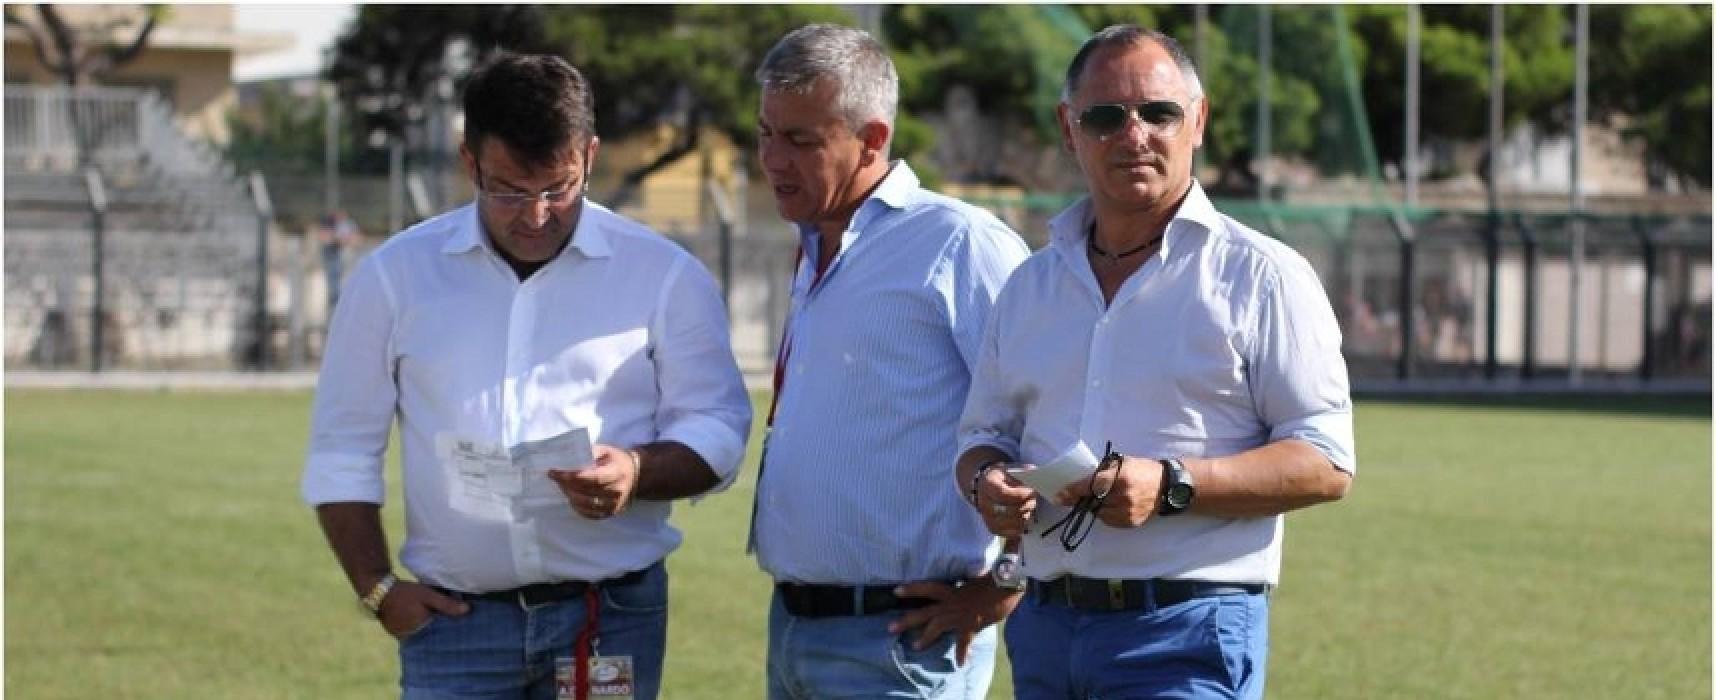 Bisceglie Calcio, ora si fa sul serio: domani l'esordio in campionato in casa del Picerno